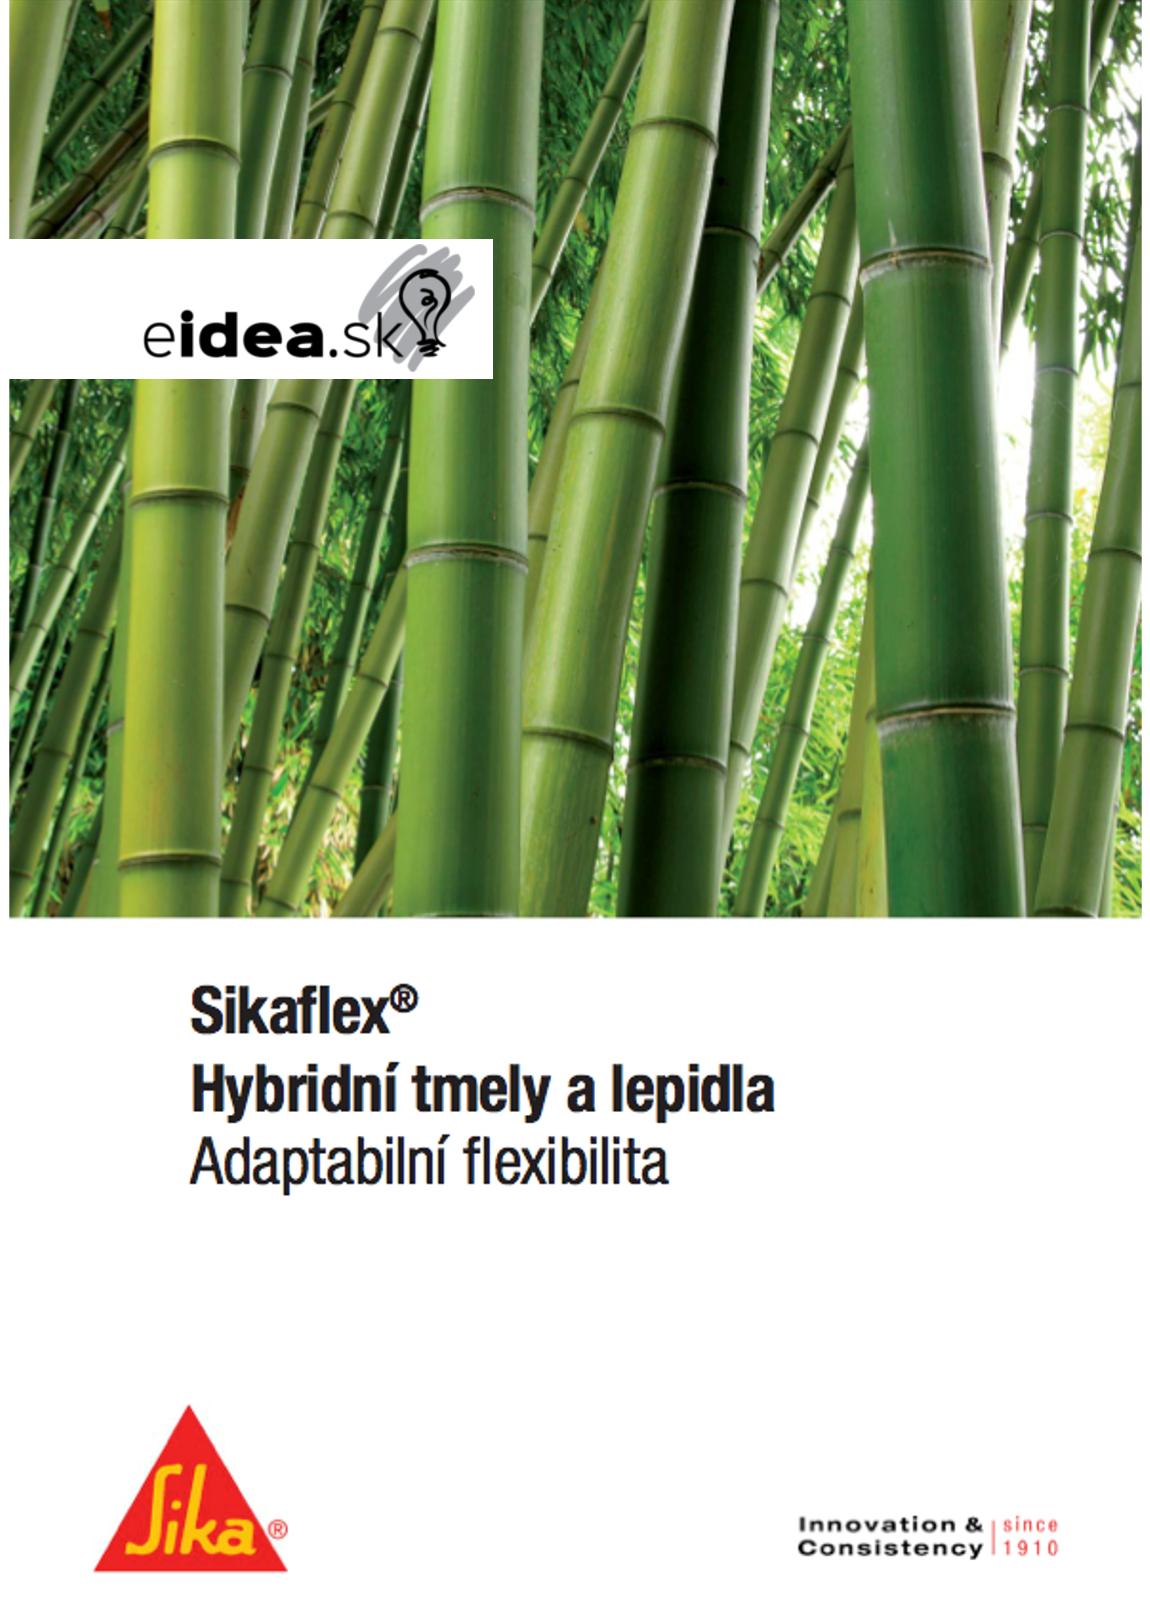 SikaFlex Hybrid